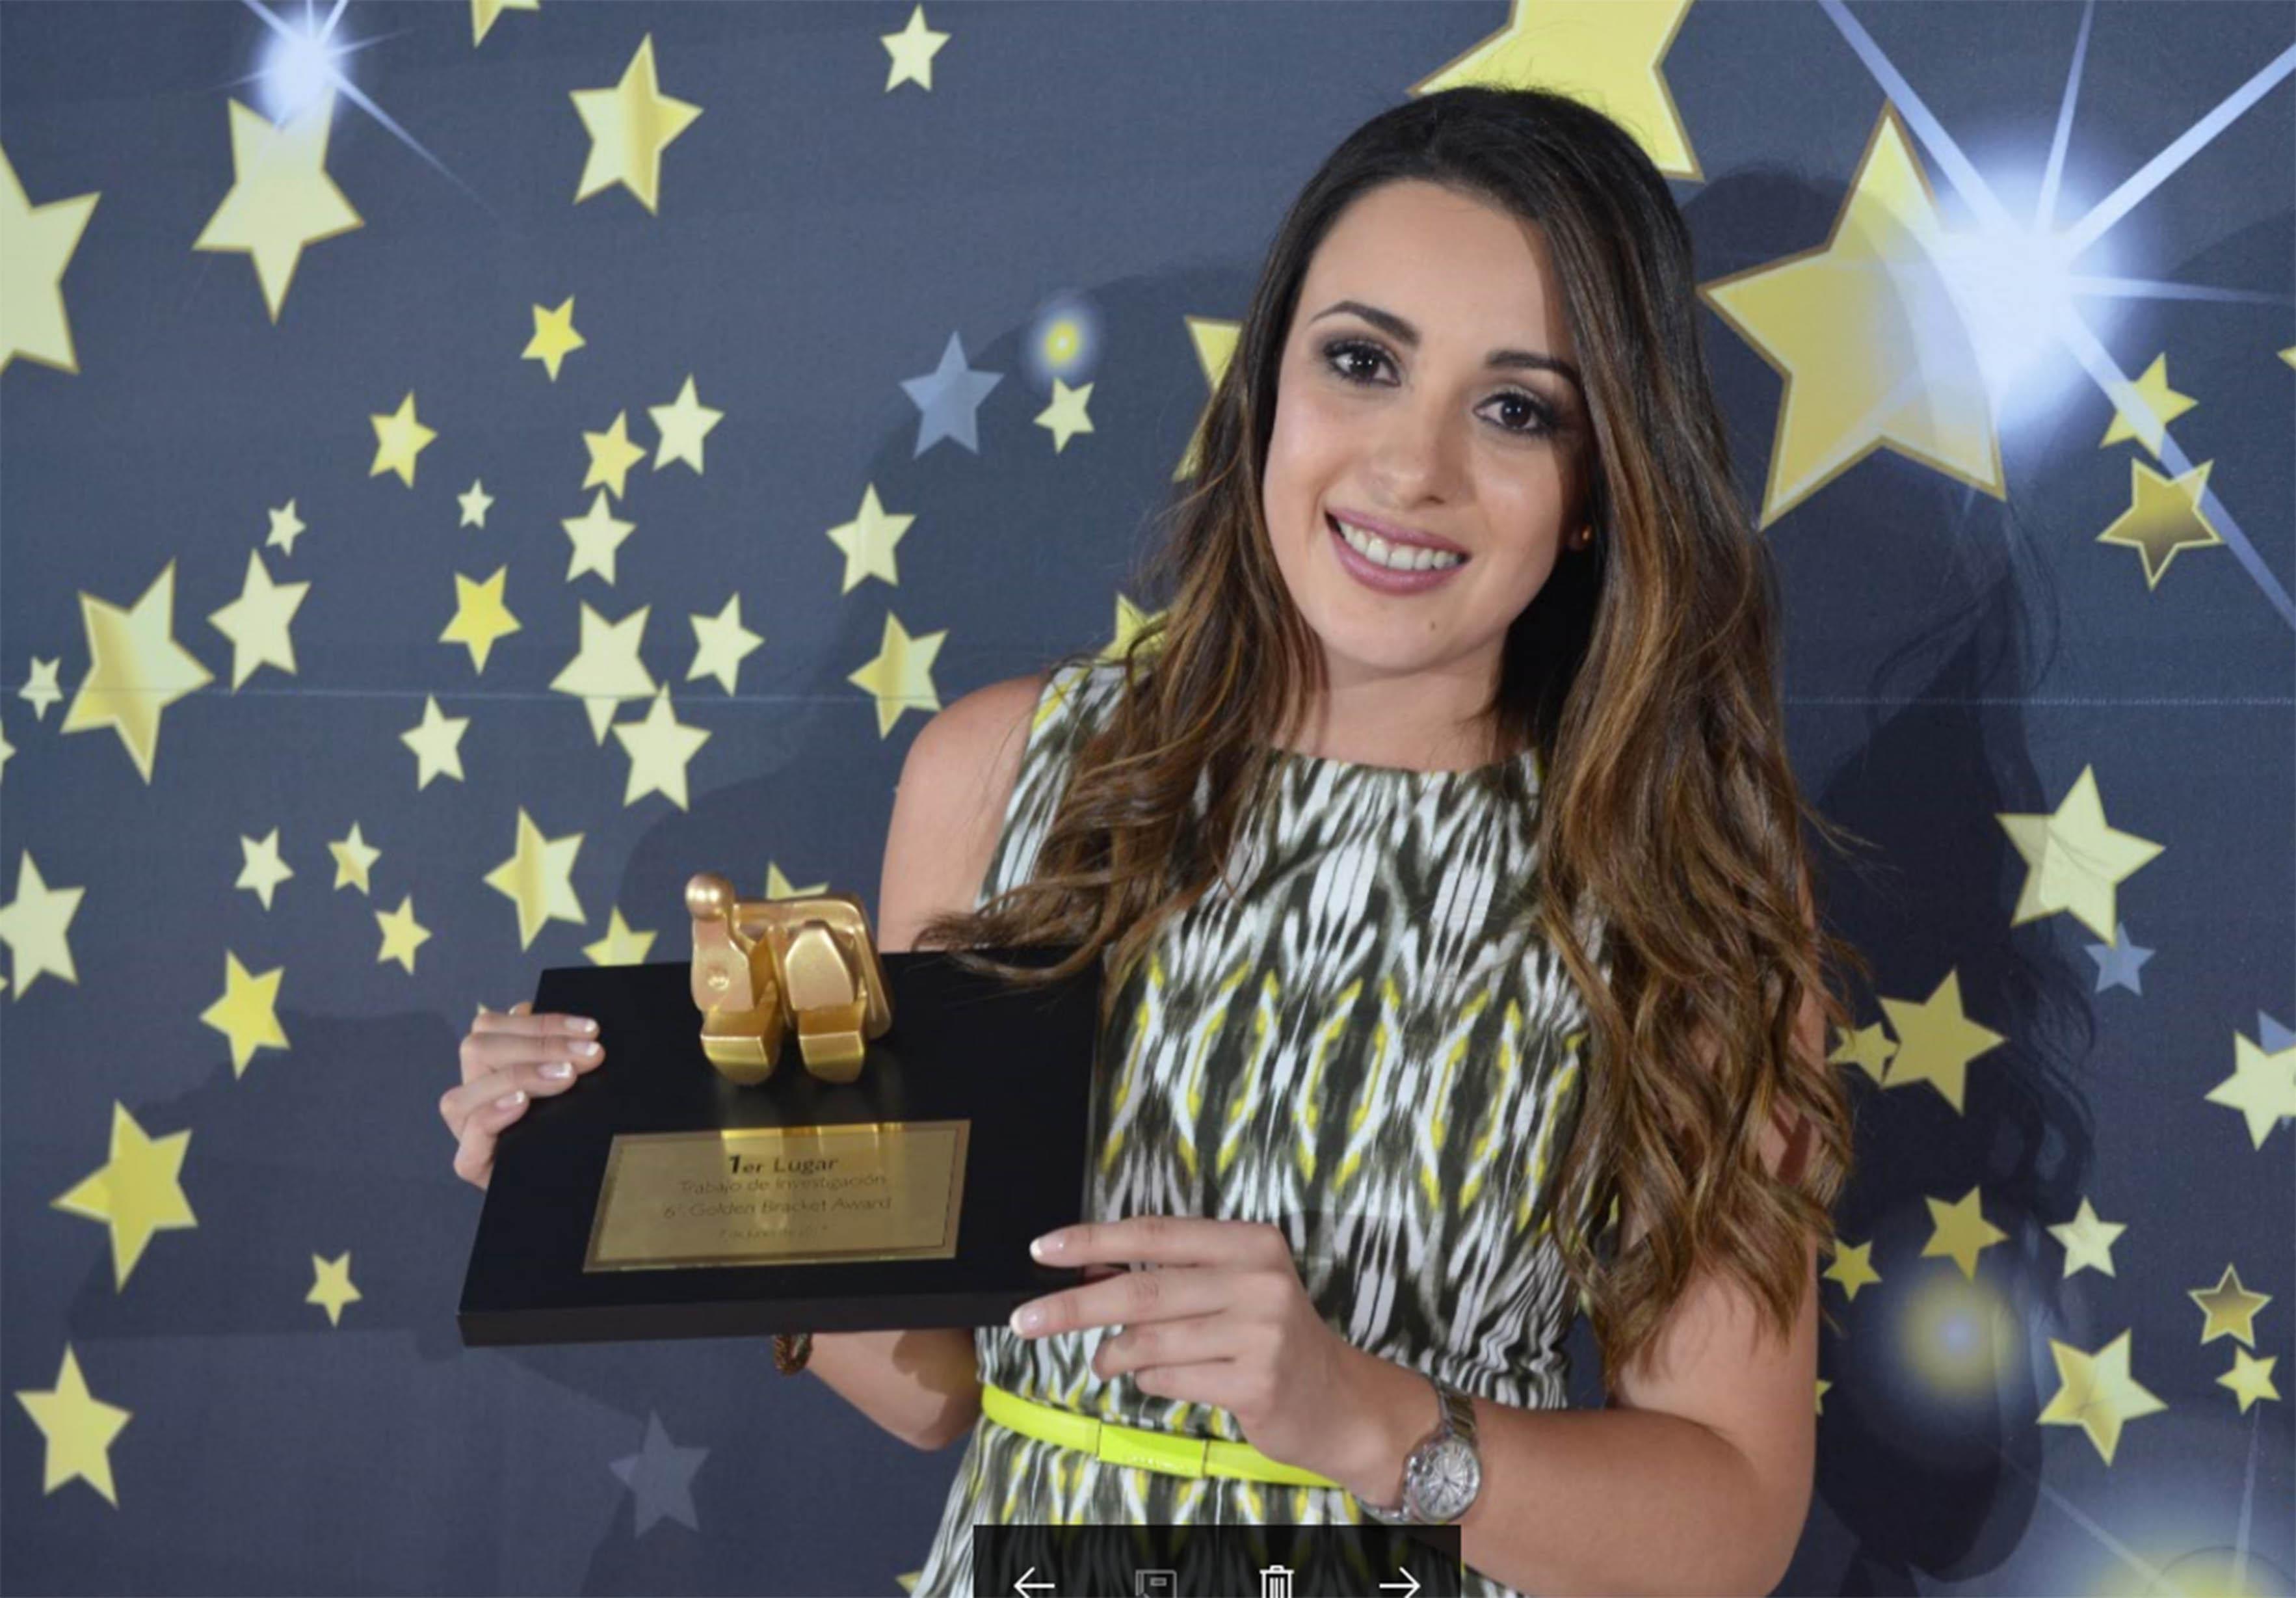 GANAN ALUMNOS DE LA UNAM CONCURSO GOLDEN BRACKET AWARD 2017